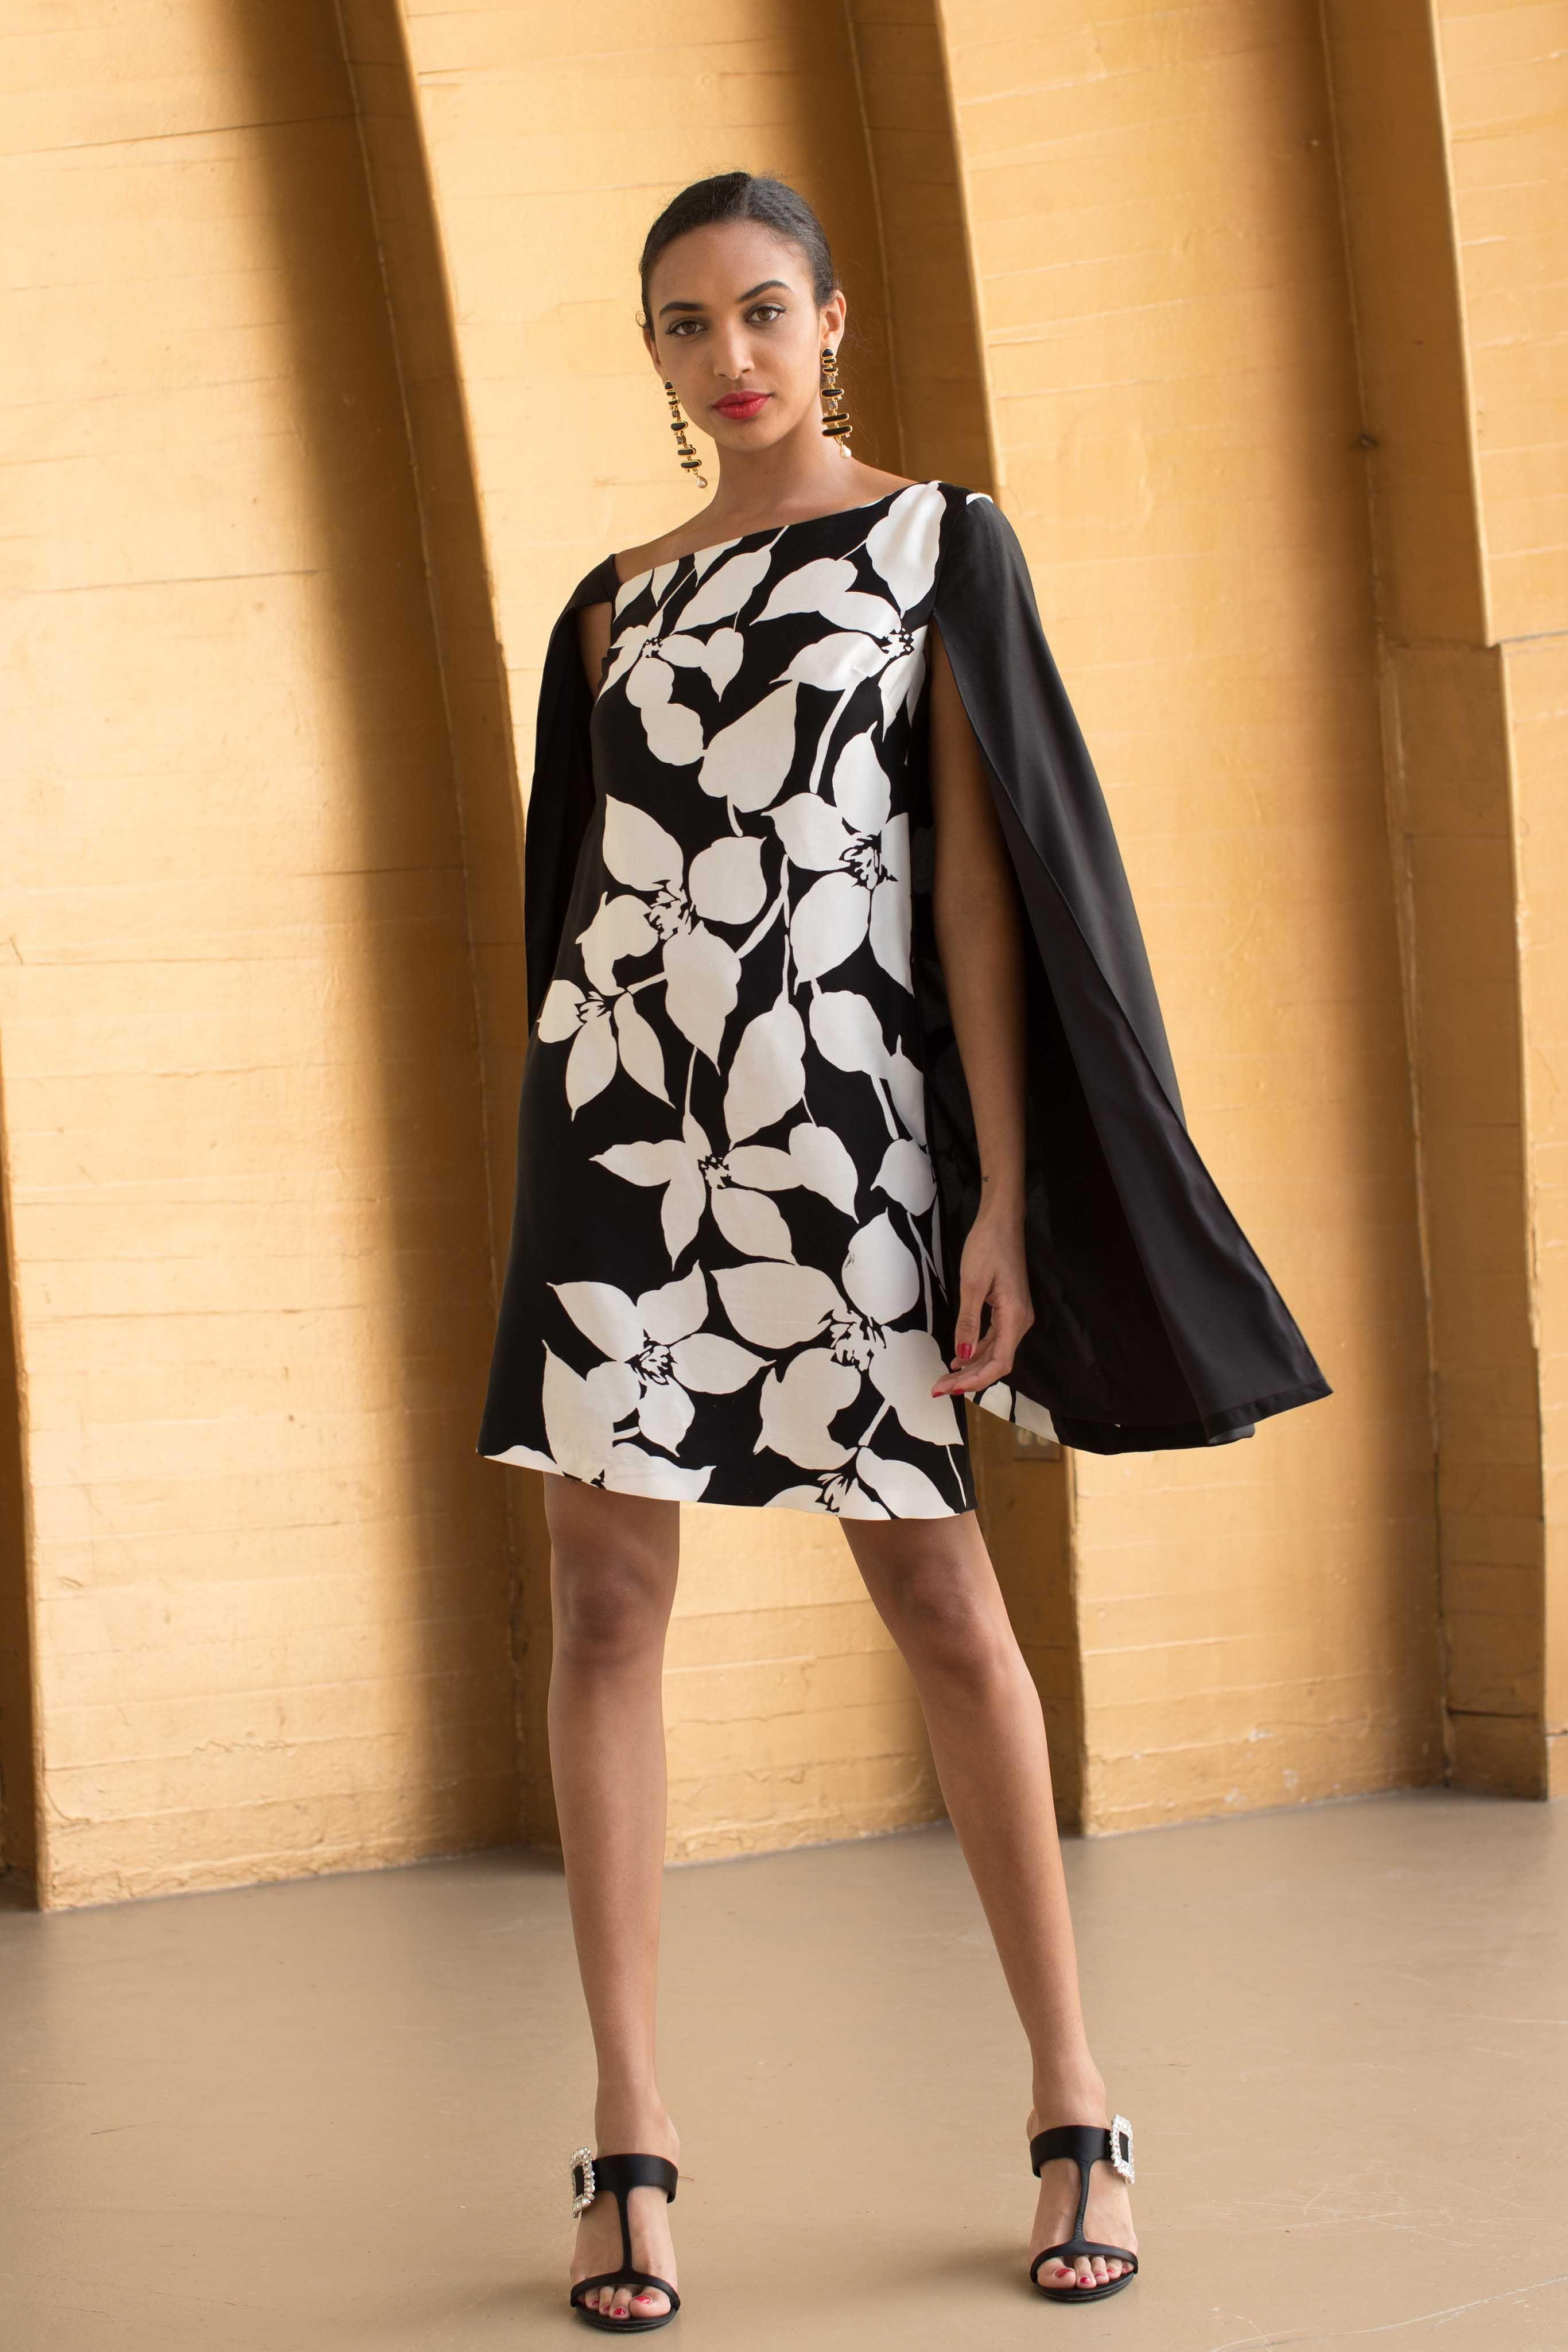 a0fc12e9d4 Classic Dress   Trina Turk Resort 2018   Lookbooks in 2019   Fashion ...